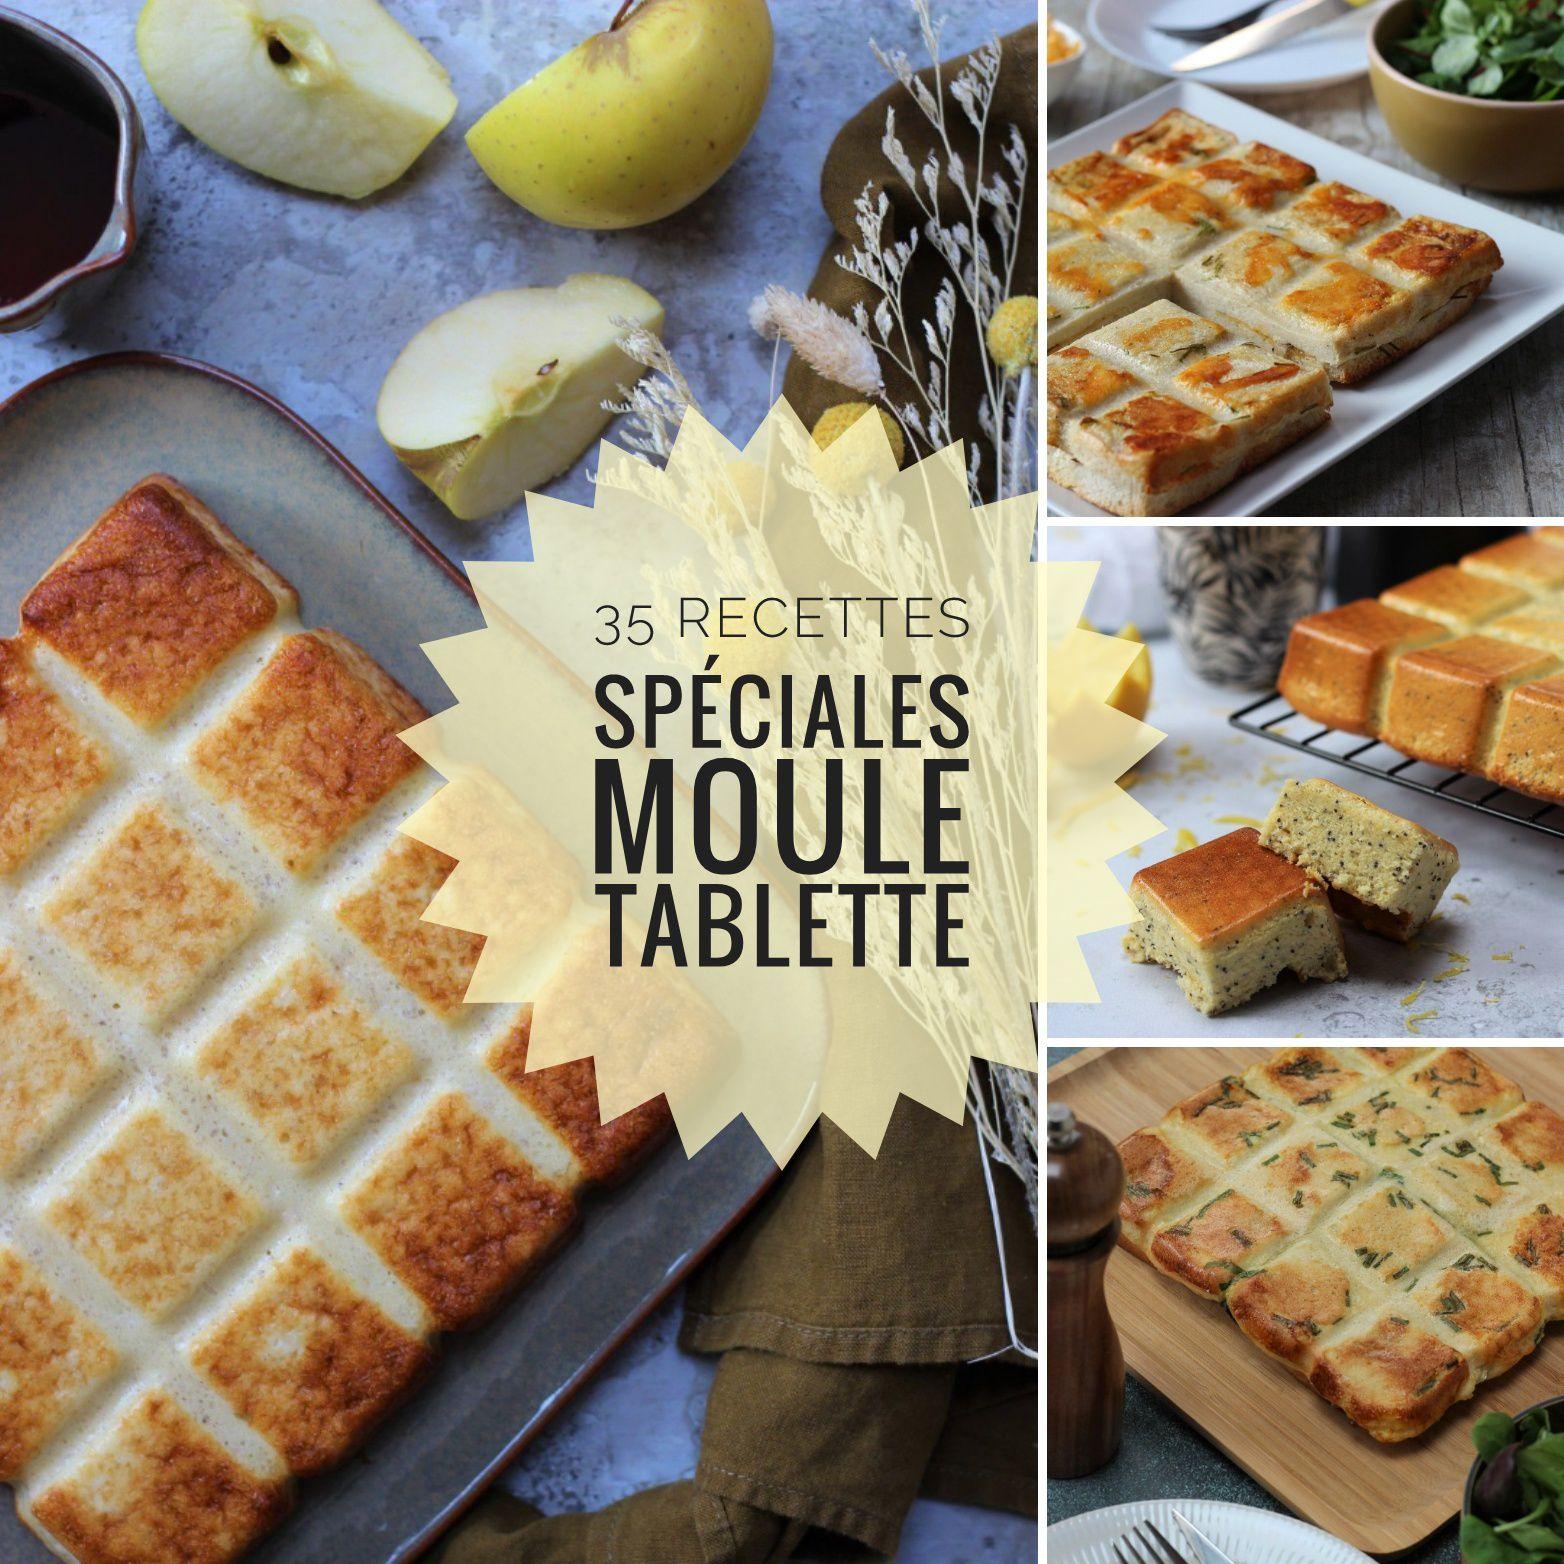 35 recettes moule tablette